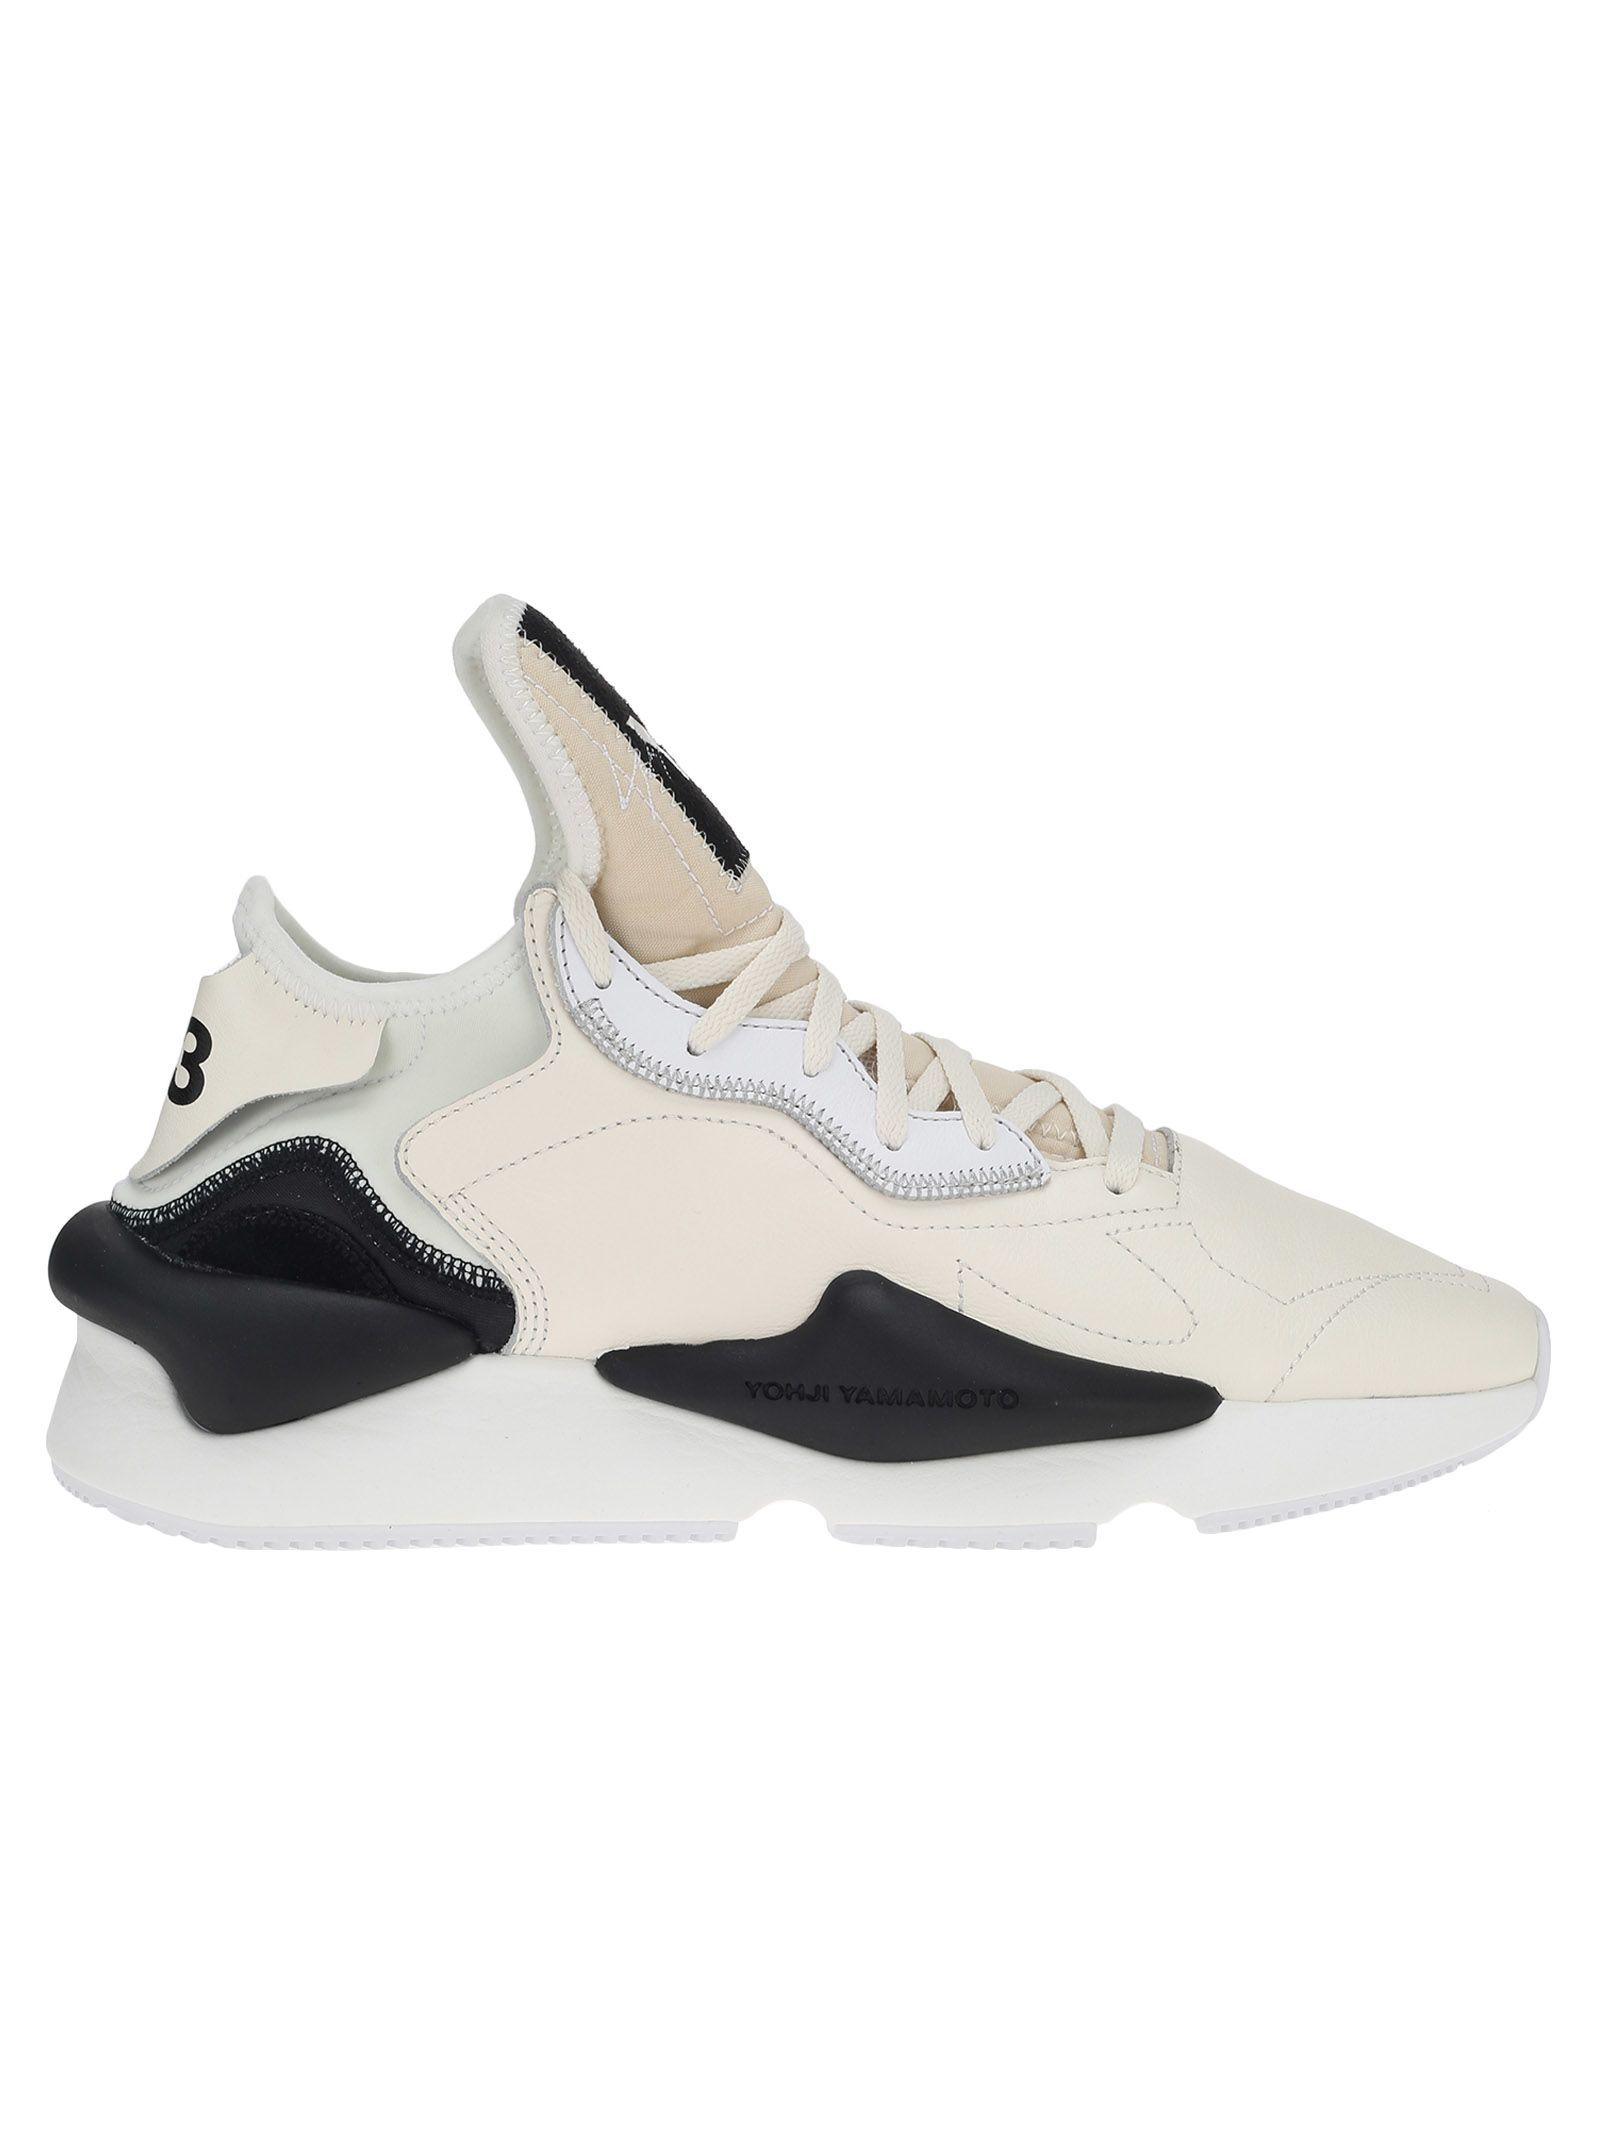 81afaf628ff45 Y-3 ADIDAS Y3 KAIWA.  y-3  shoes